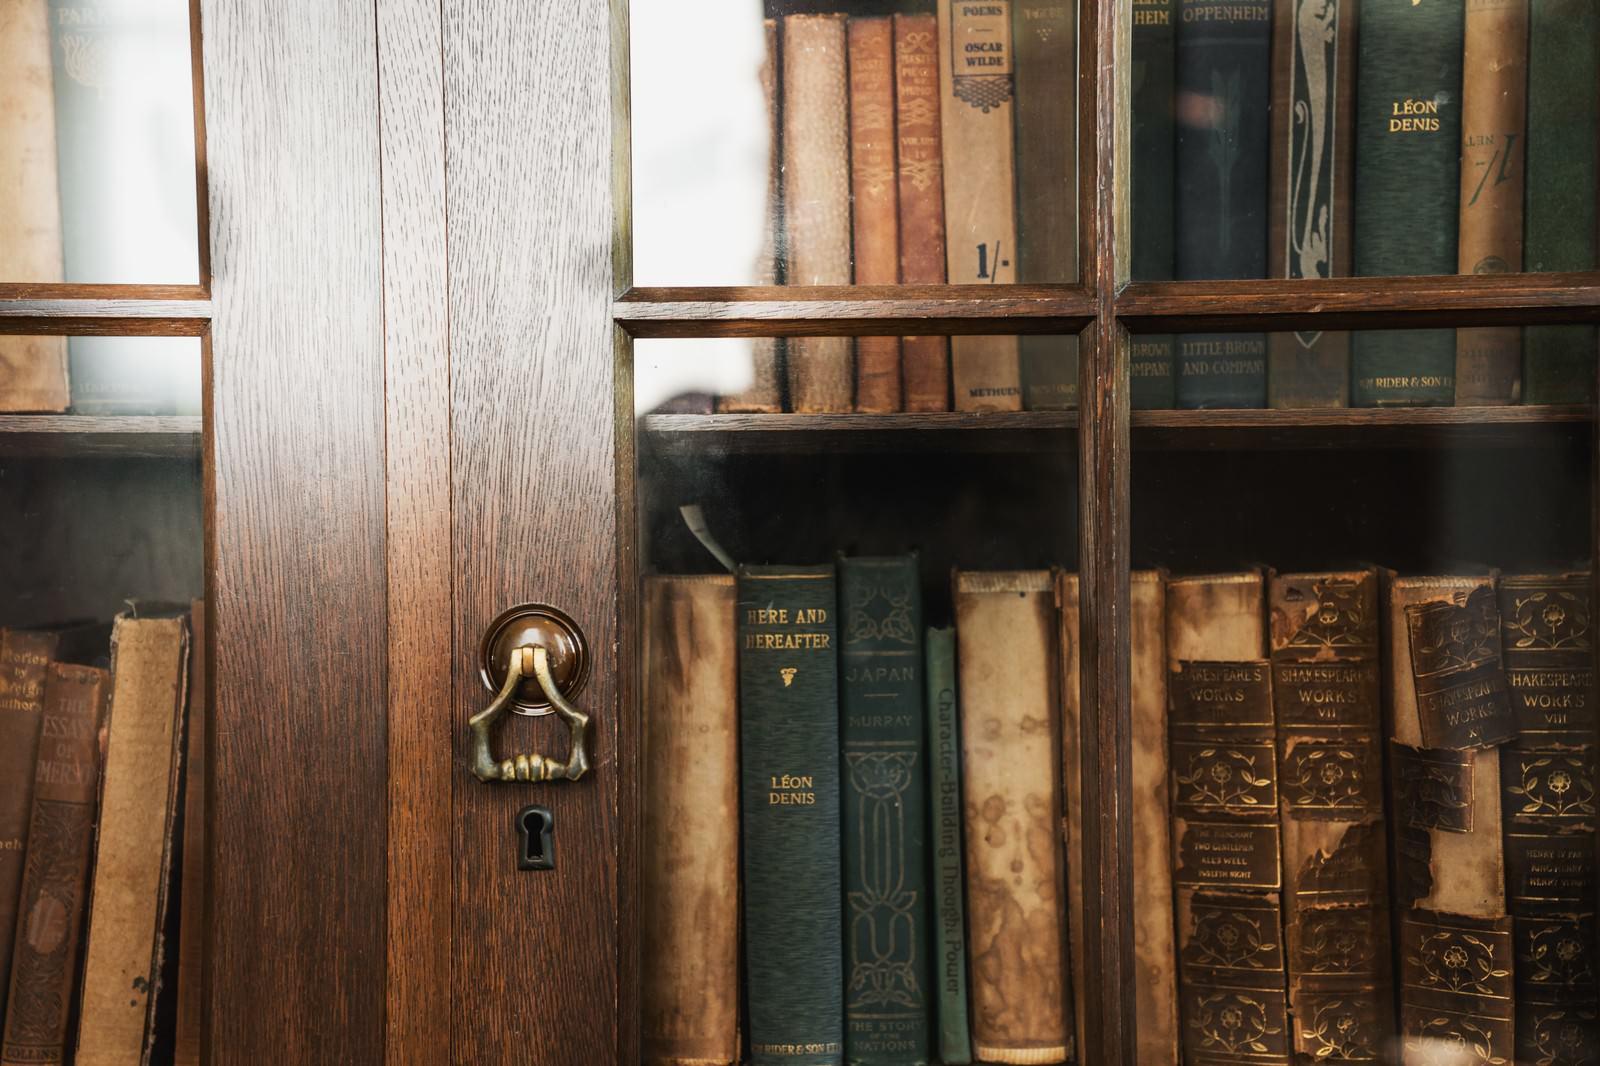 「洋書が入った本棚」の写真